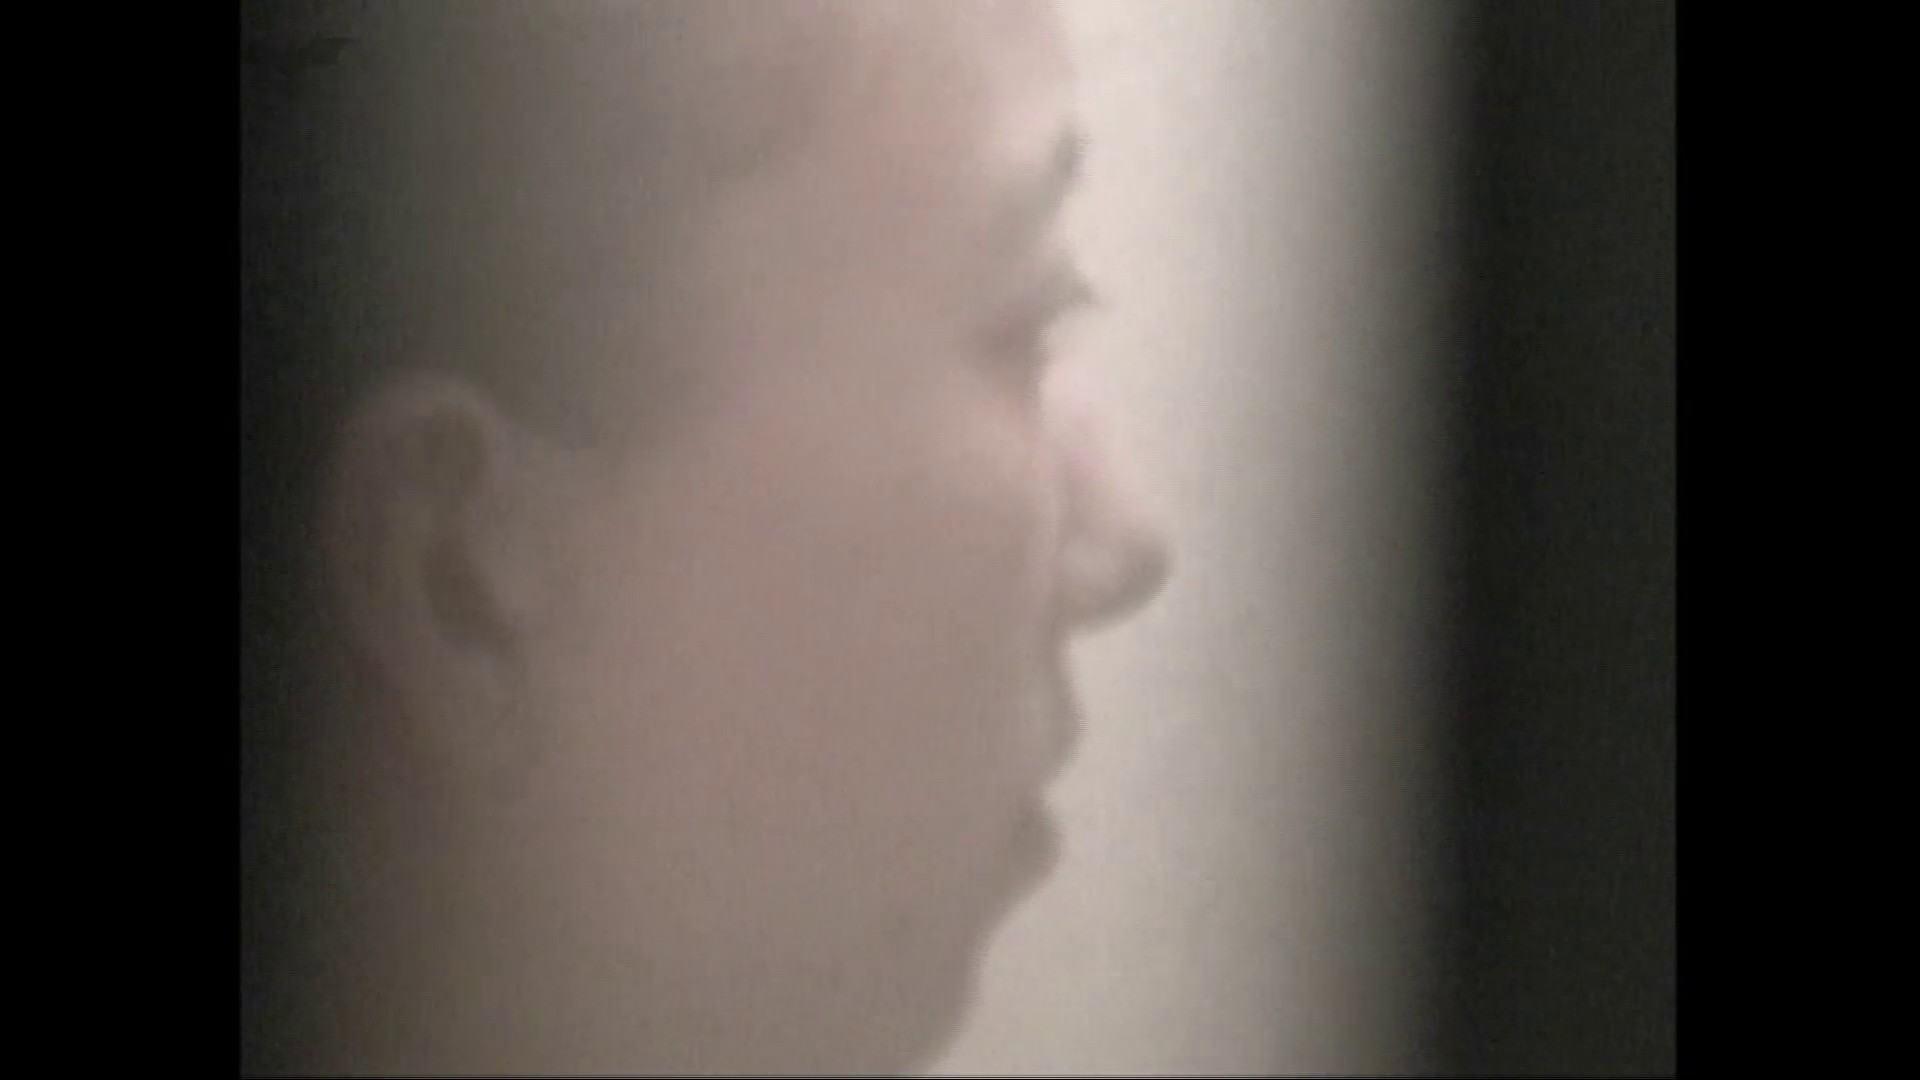 隙間からノゾク風呂 Vol.29 股をグイッとひらいて・・・。 OL   入浴シーン  89連発 9